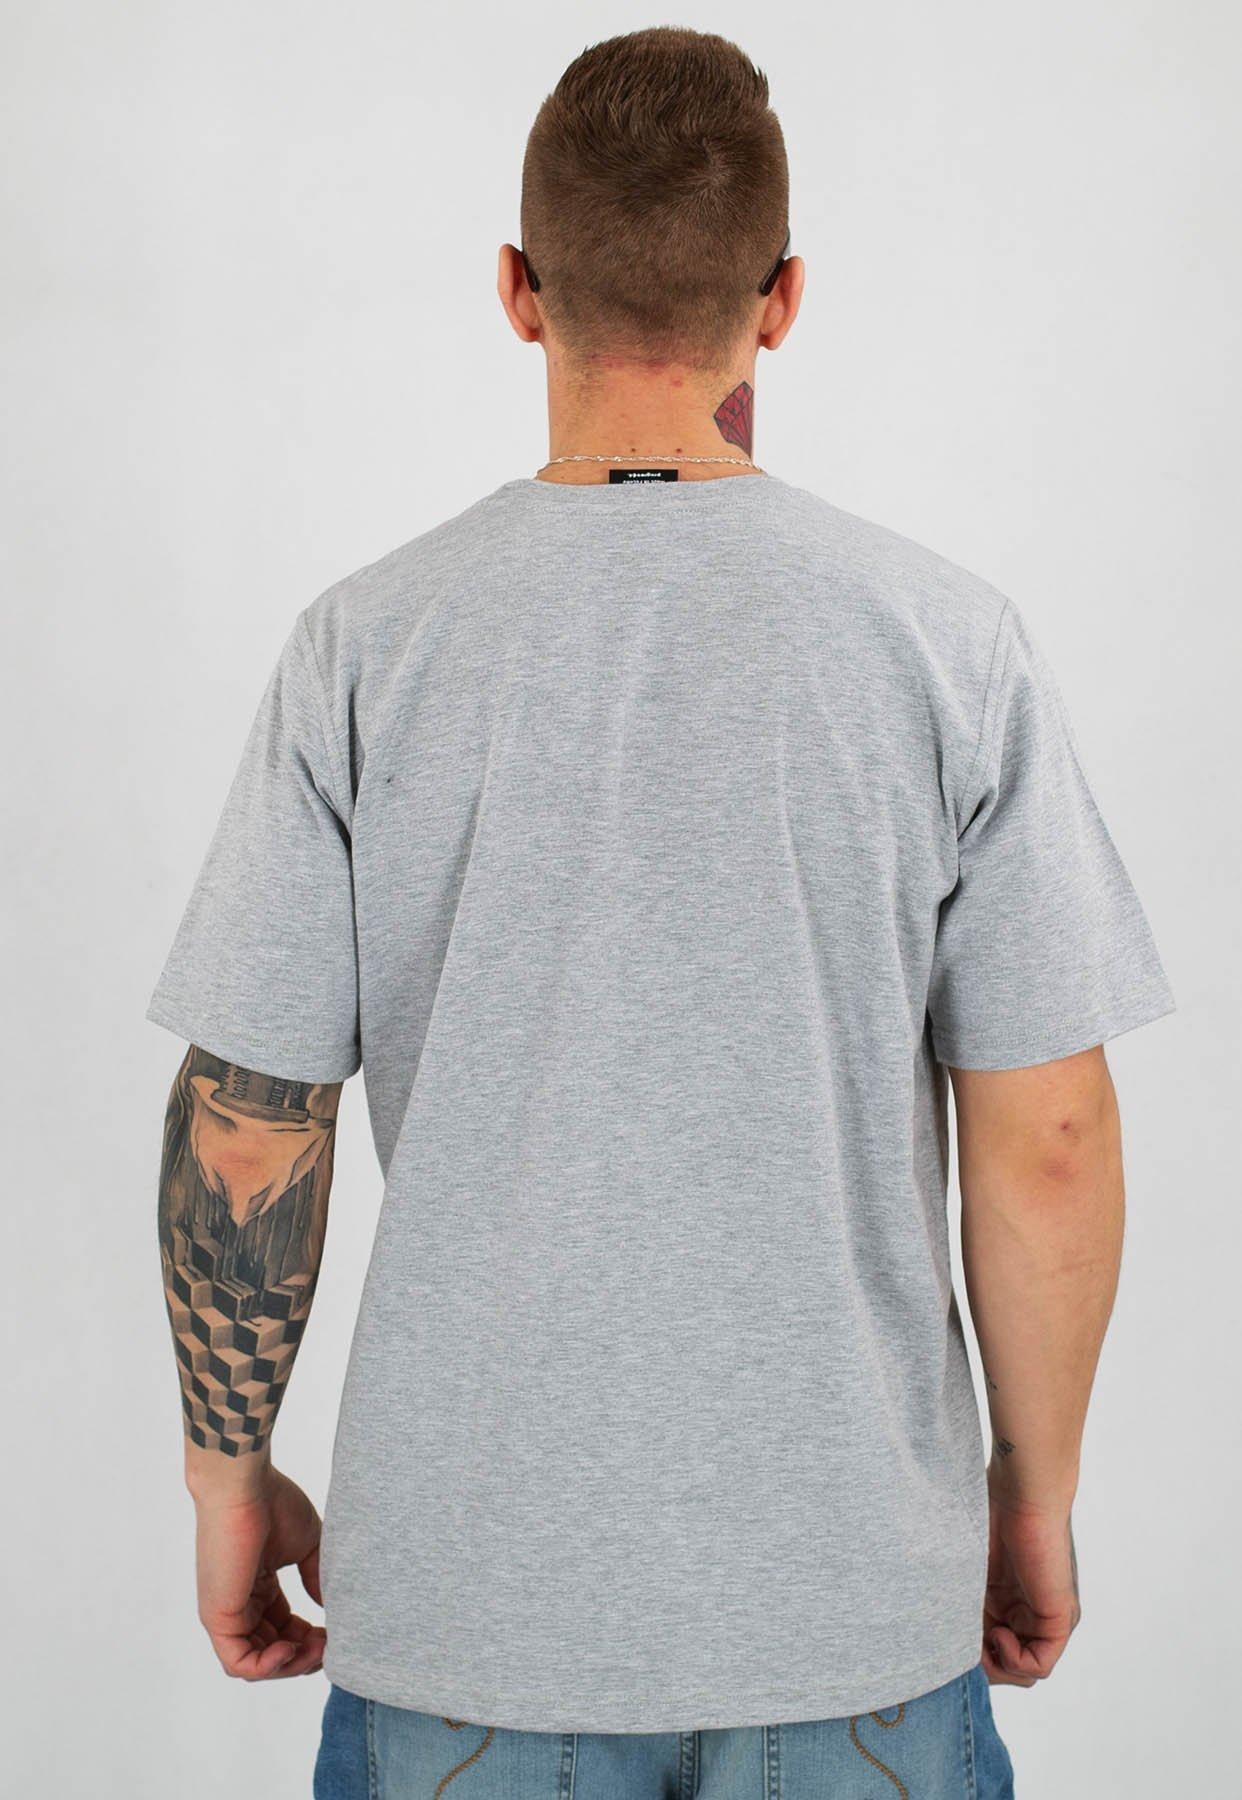 T shirt Dudek P56 Progres 2019 szary